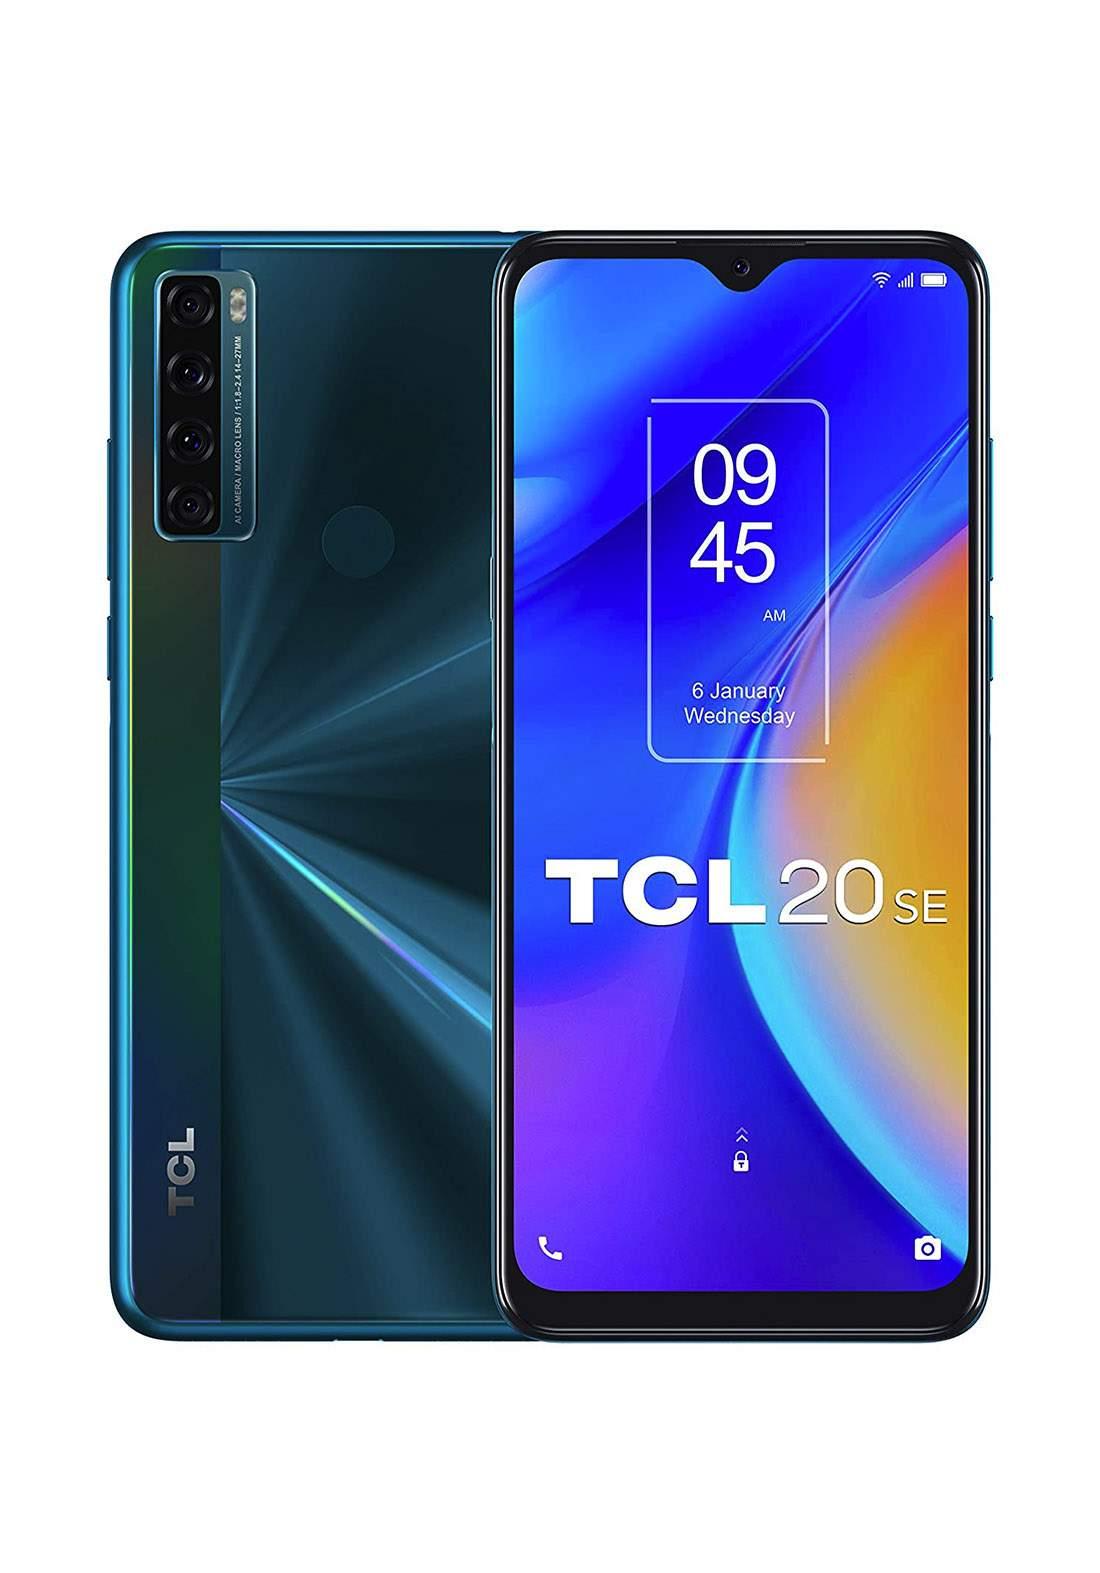 TCL T671H 20 SE Dual SIM 4GB RAM 64 GB  - Aurora Green